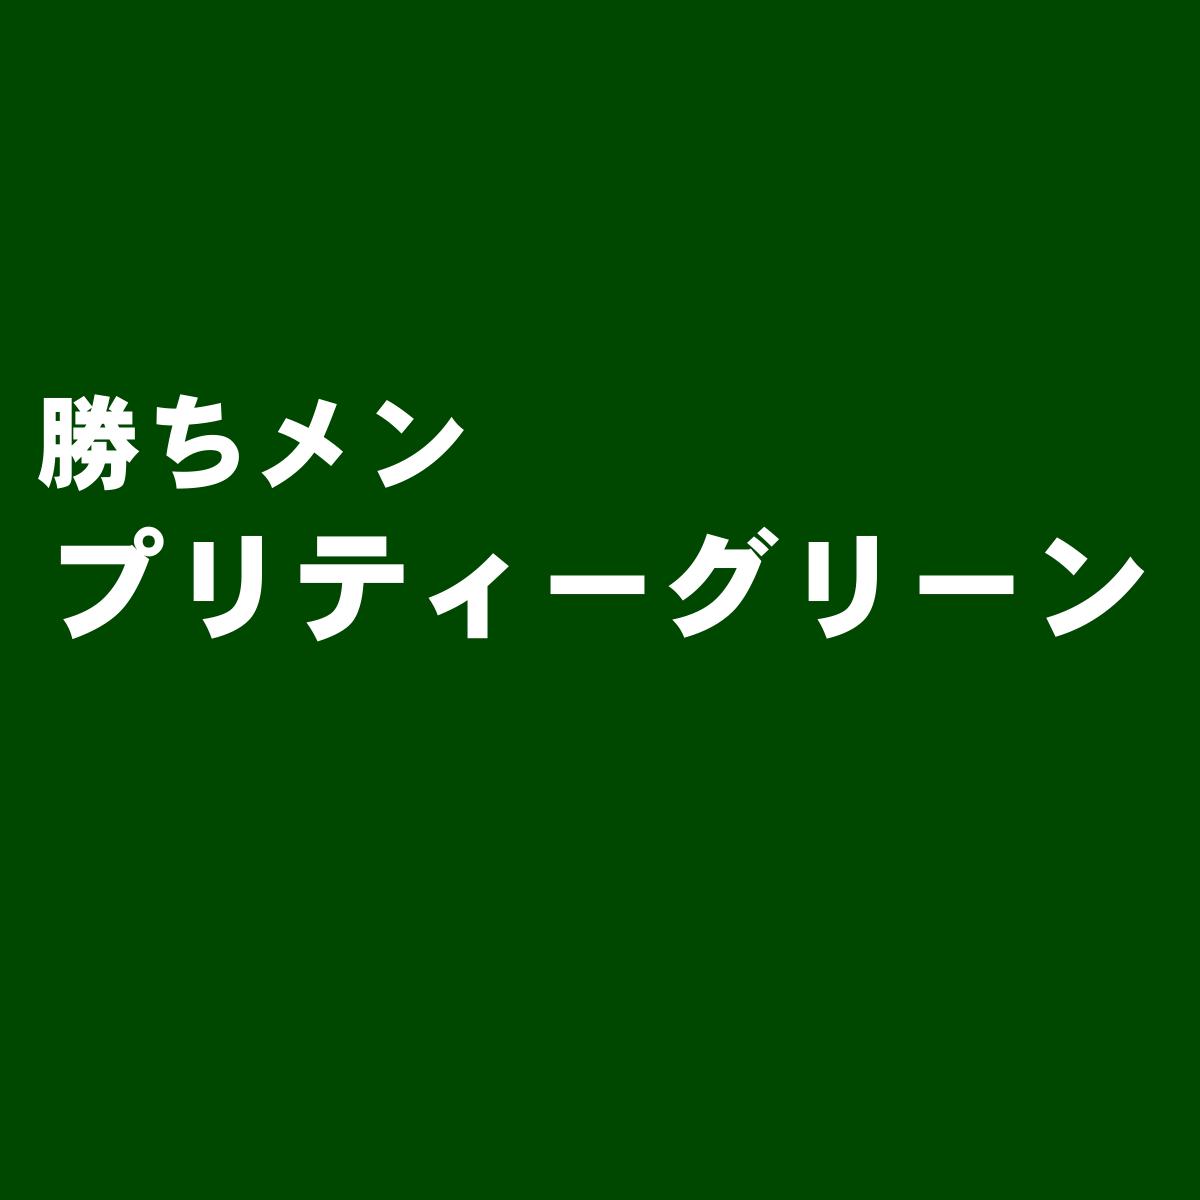 プリティーグリーン